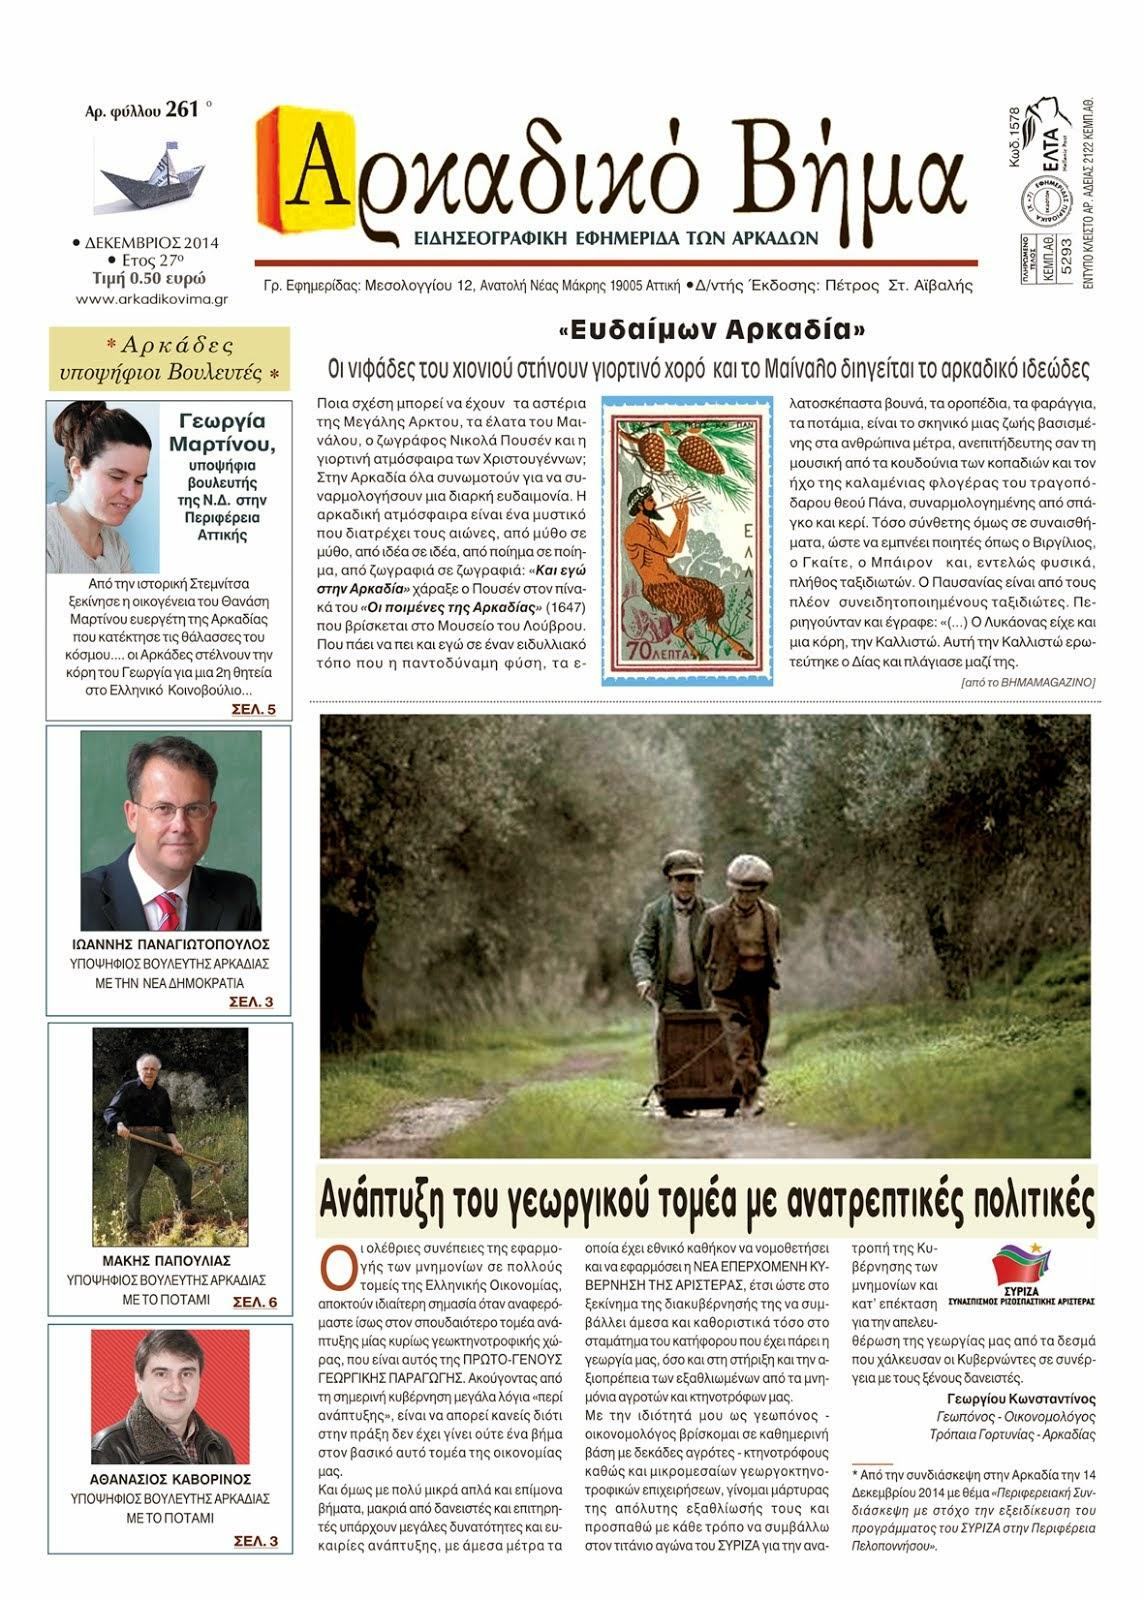 """""""Ανάπτυξη του γεωργικού τομέα με ανατρεπτικές πολιτικές"""""""